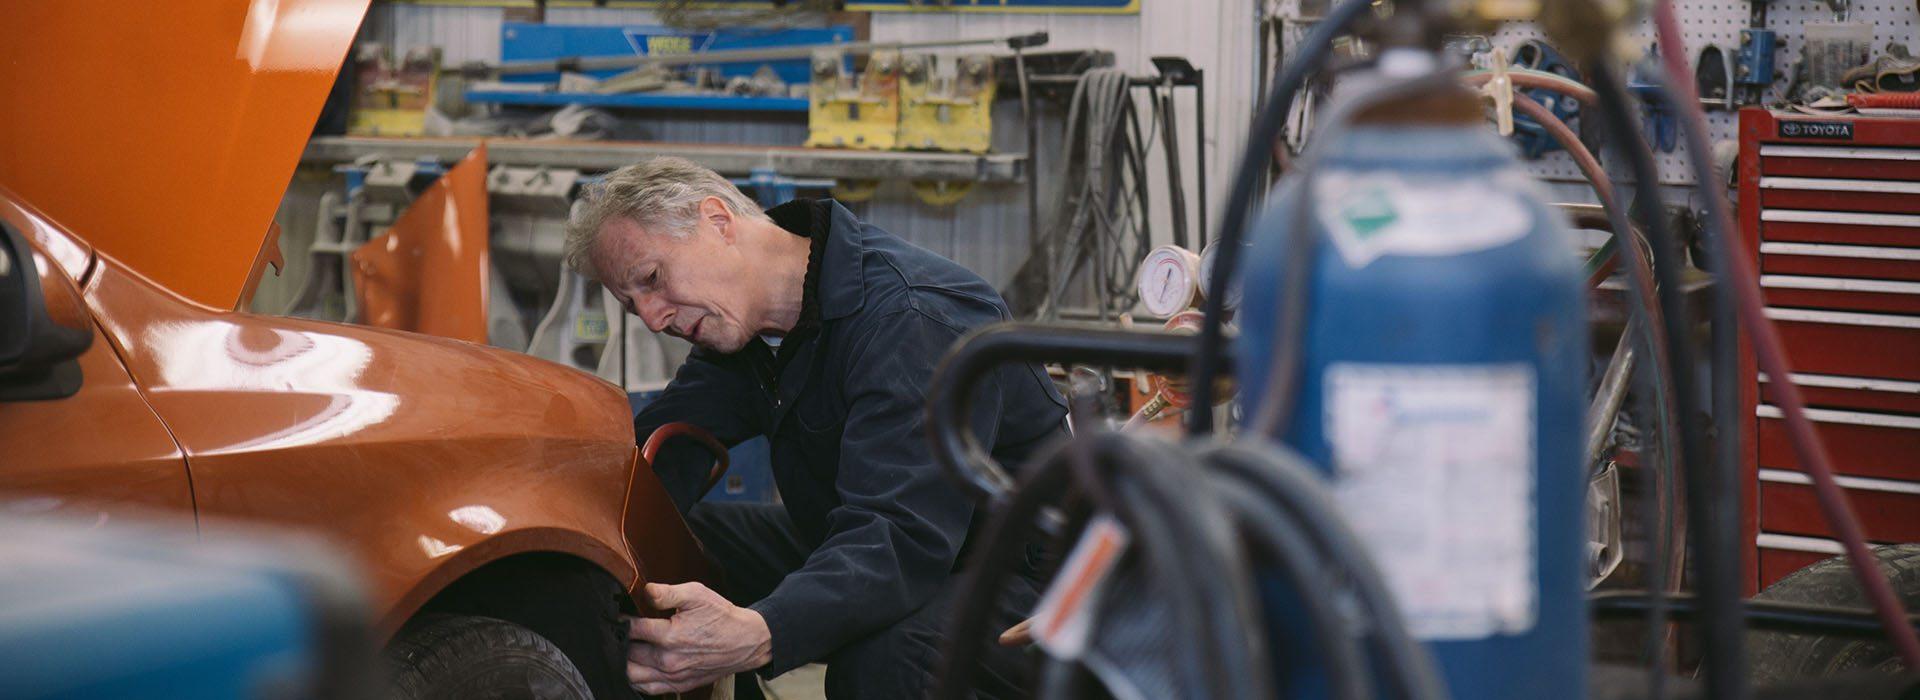 Abbotsford Auto Body Shop Collision Repair Avenue Body Shop